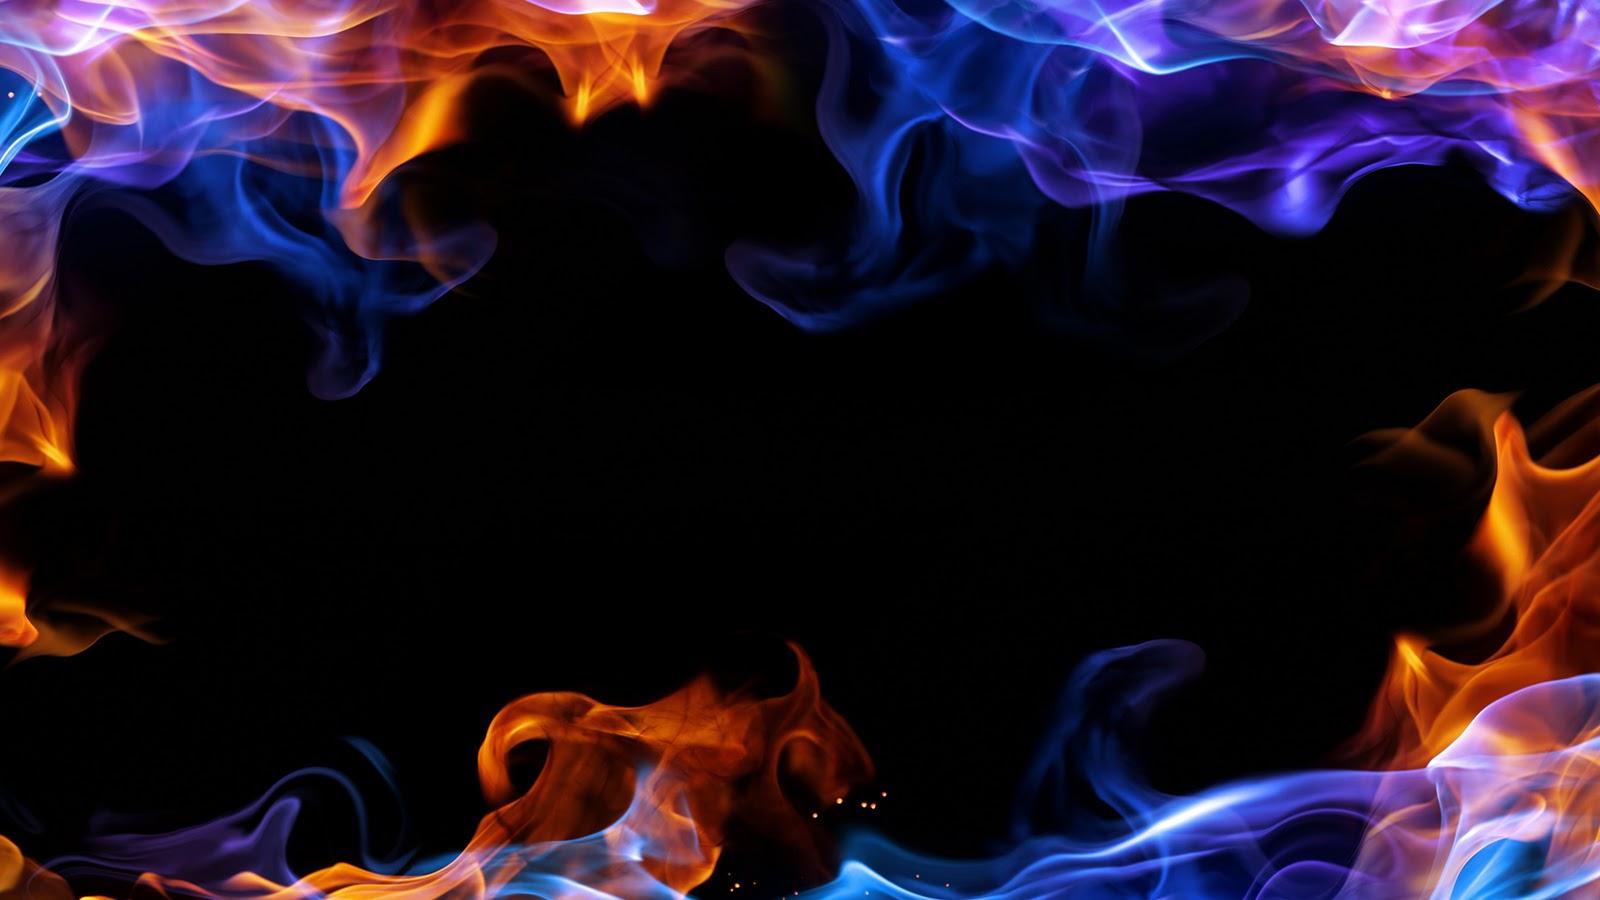 Fire Wallpaper 1600x900